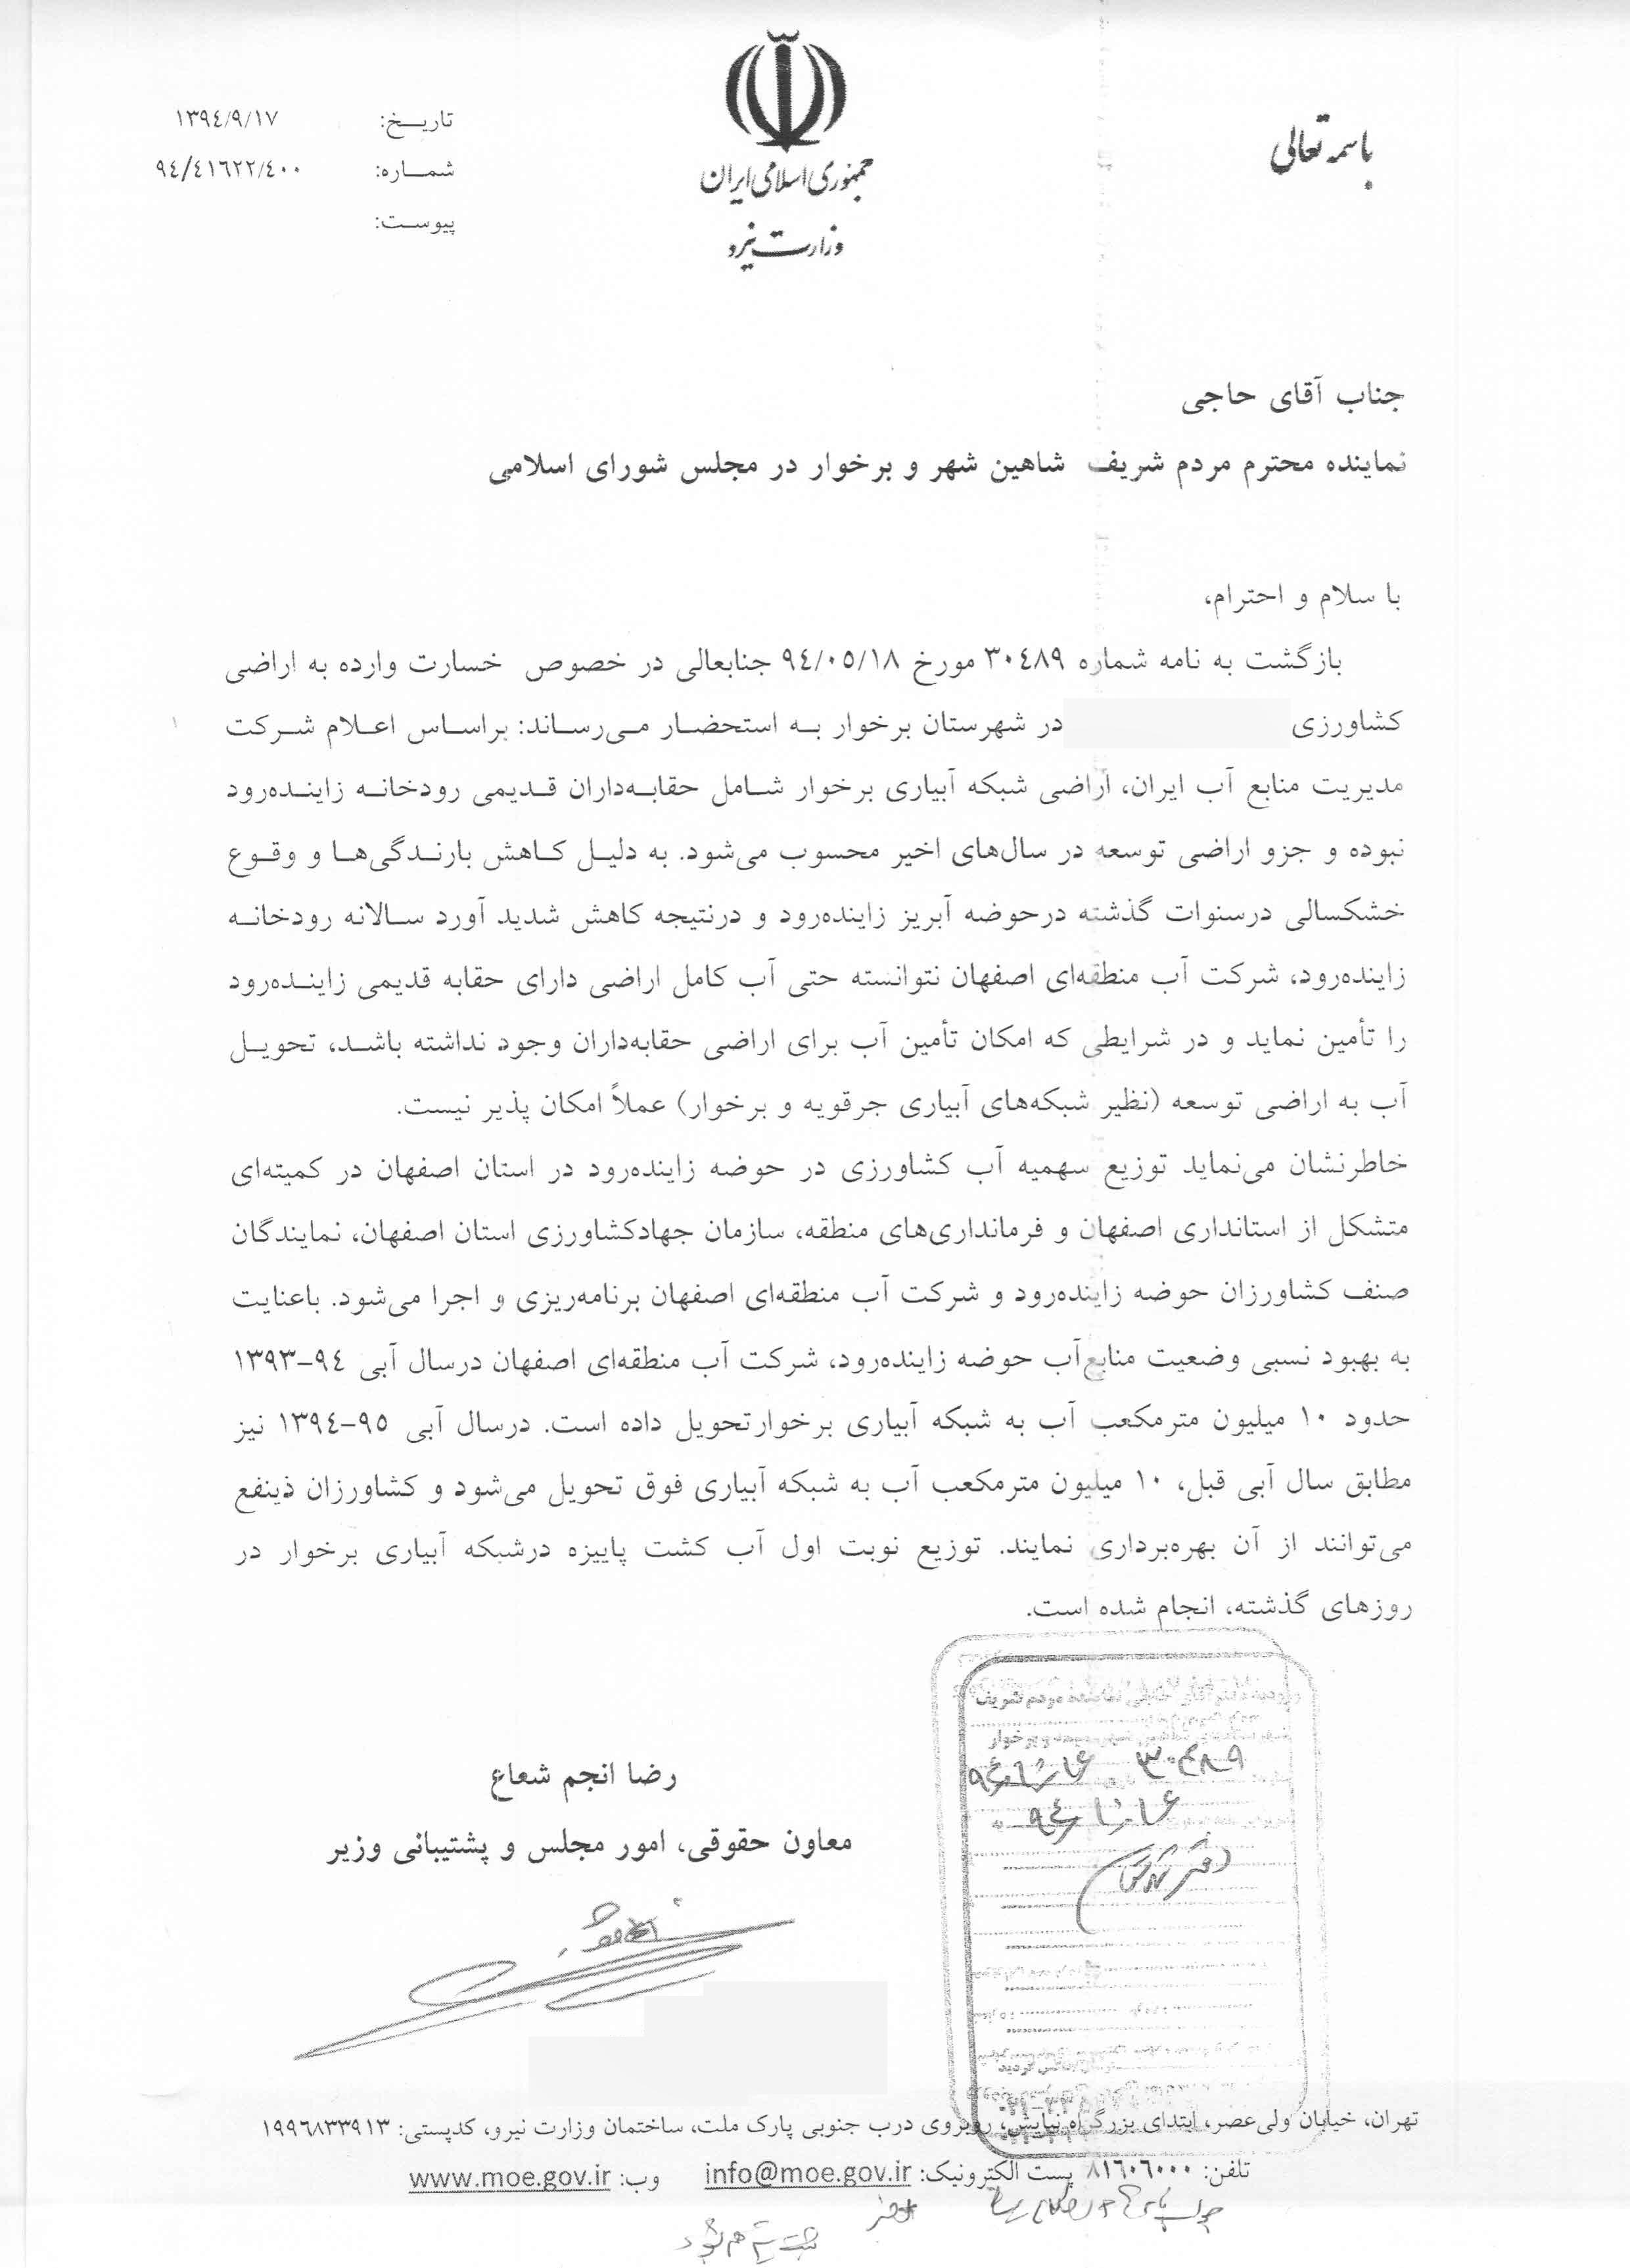 آب کانال وپاسخ وزارت نیرو به نامه آقای حاجی